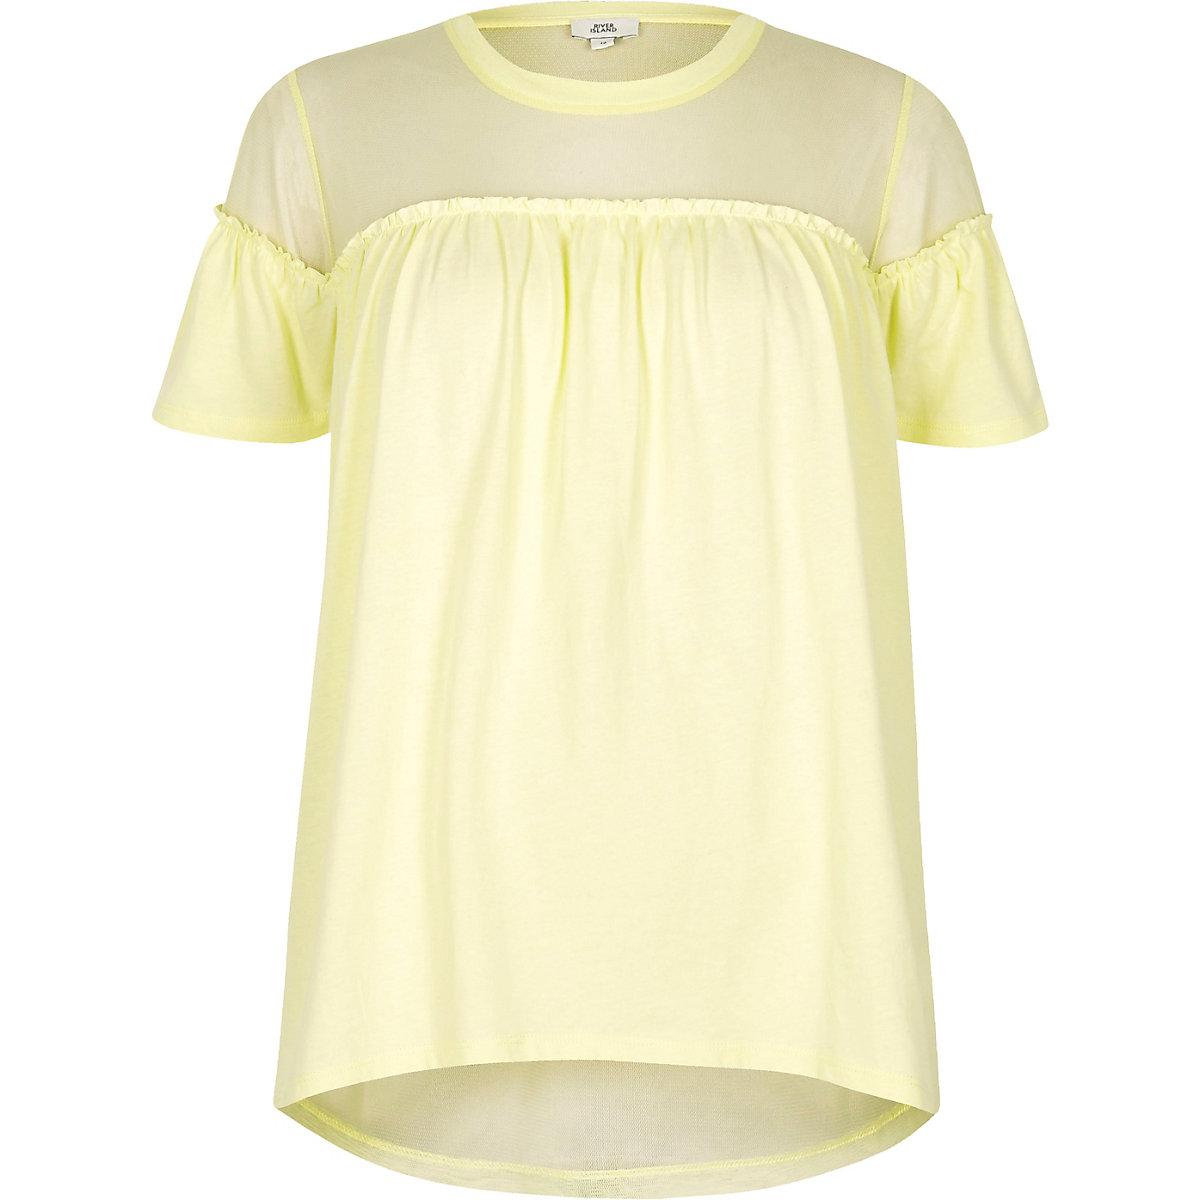 Yellow ruffle front mesh insert T-shirt